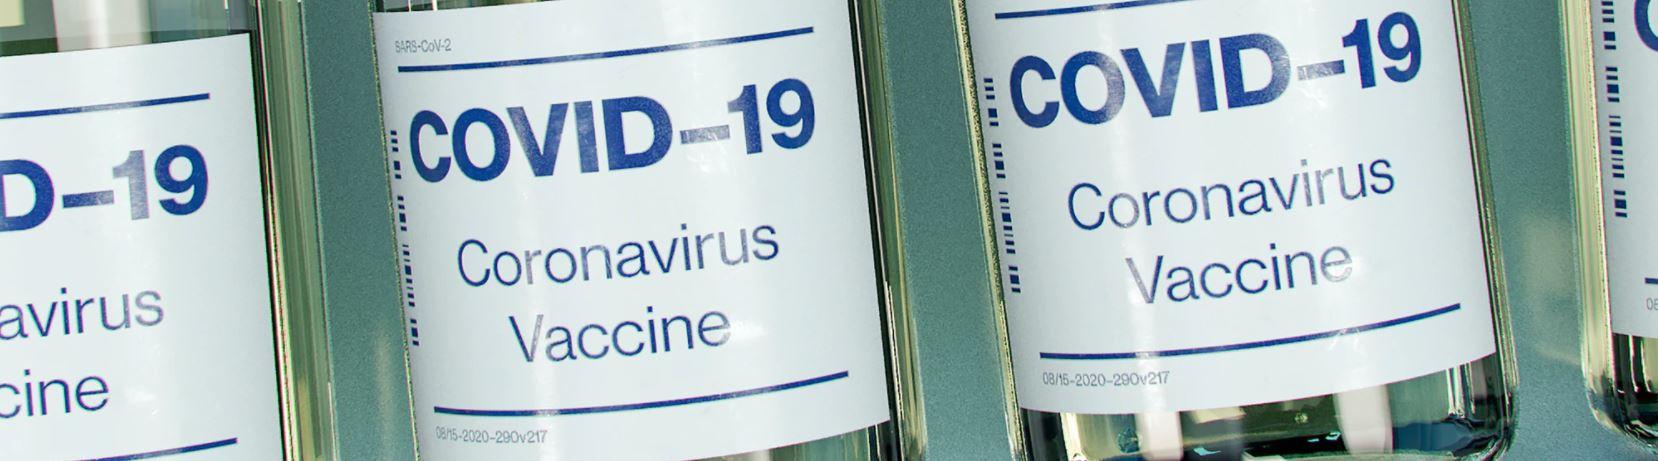 Zo ziet de Belgische vaccinatiestrategie Covid-19 er uit